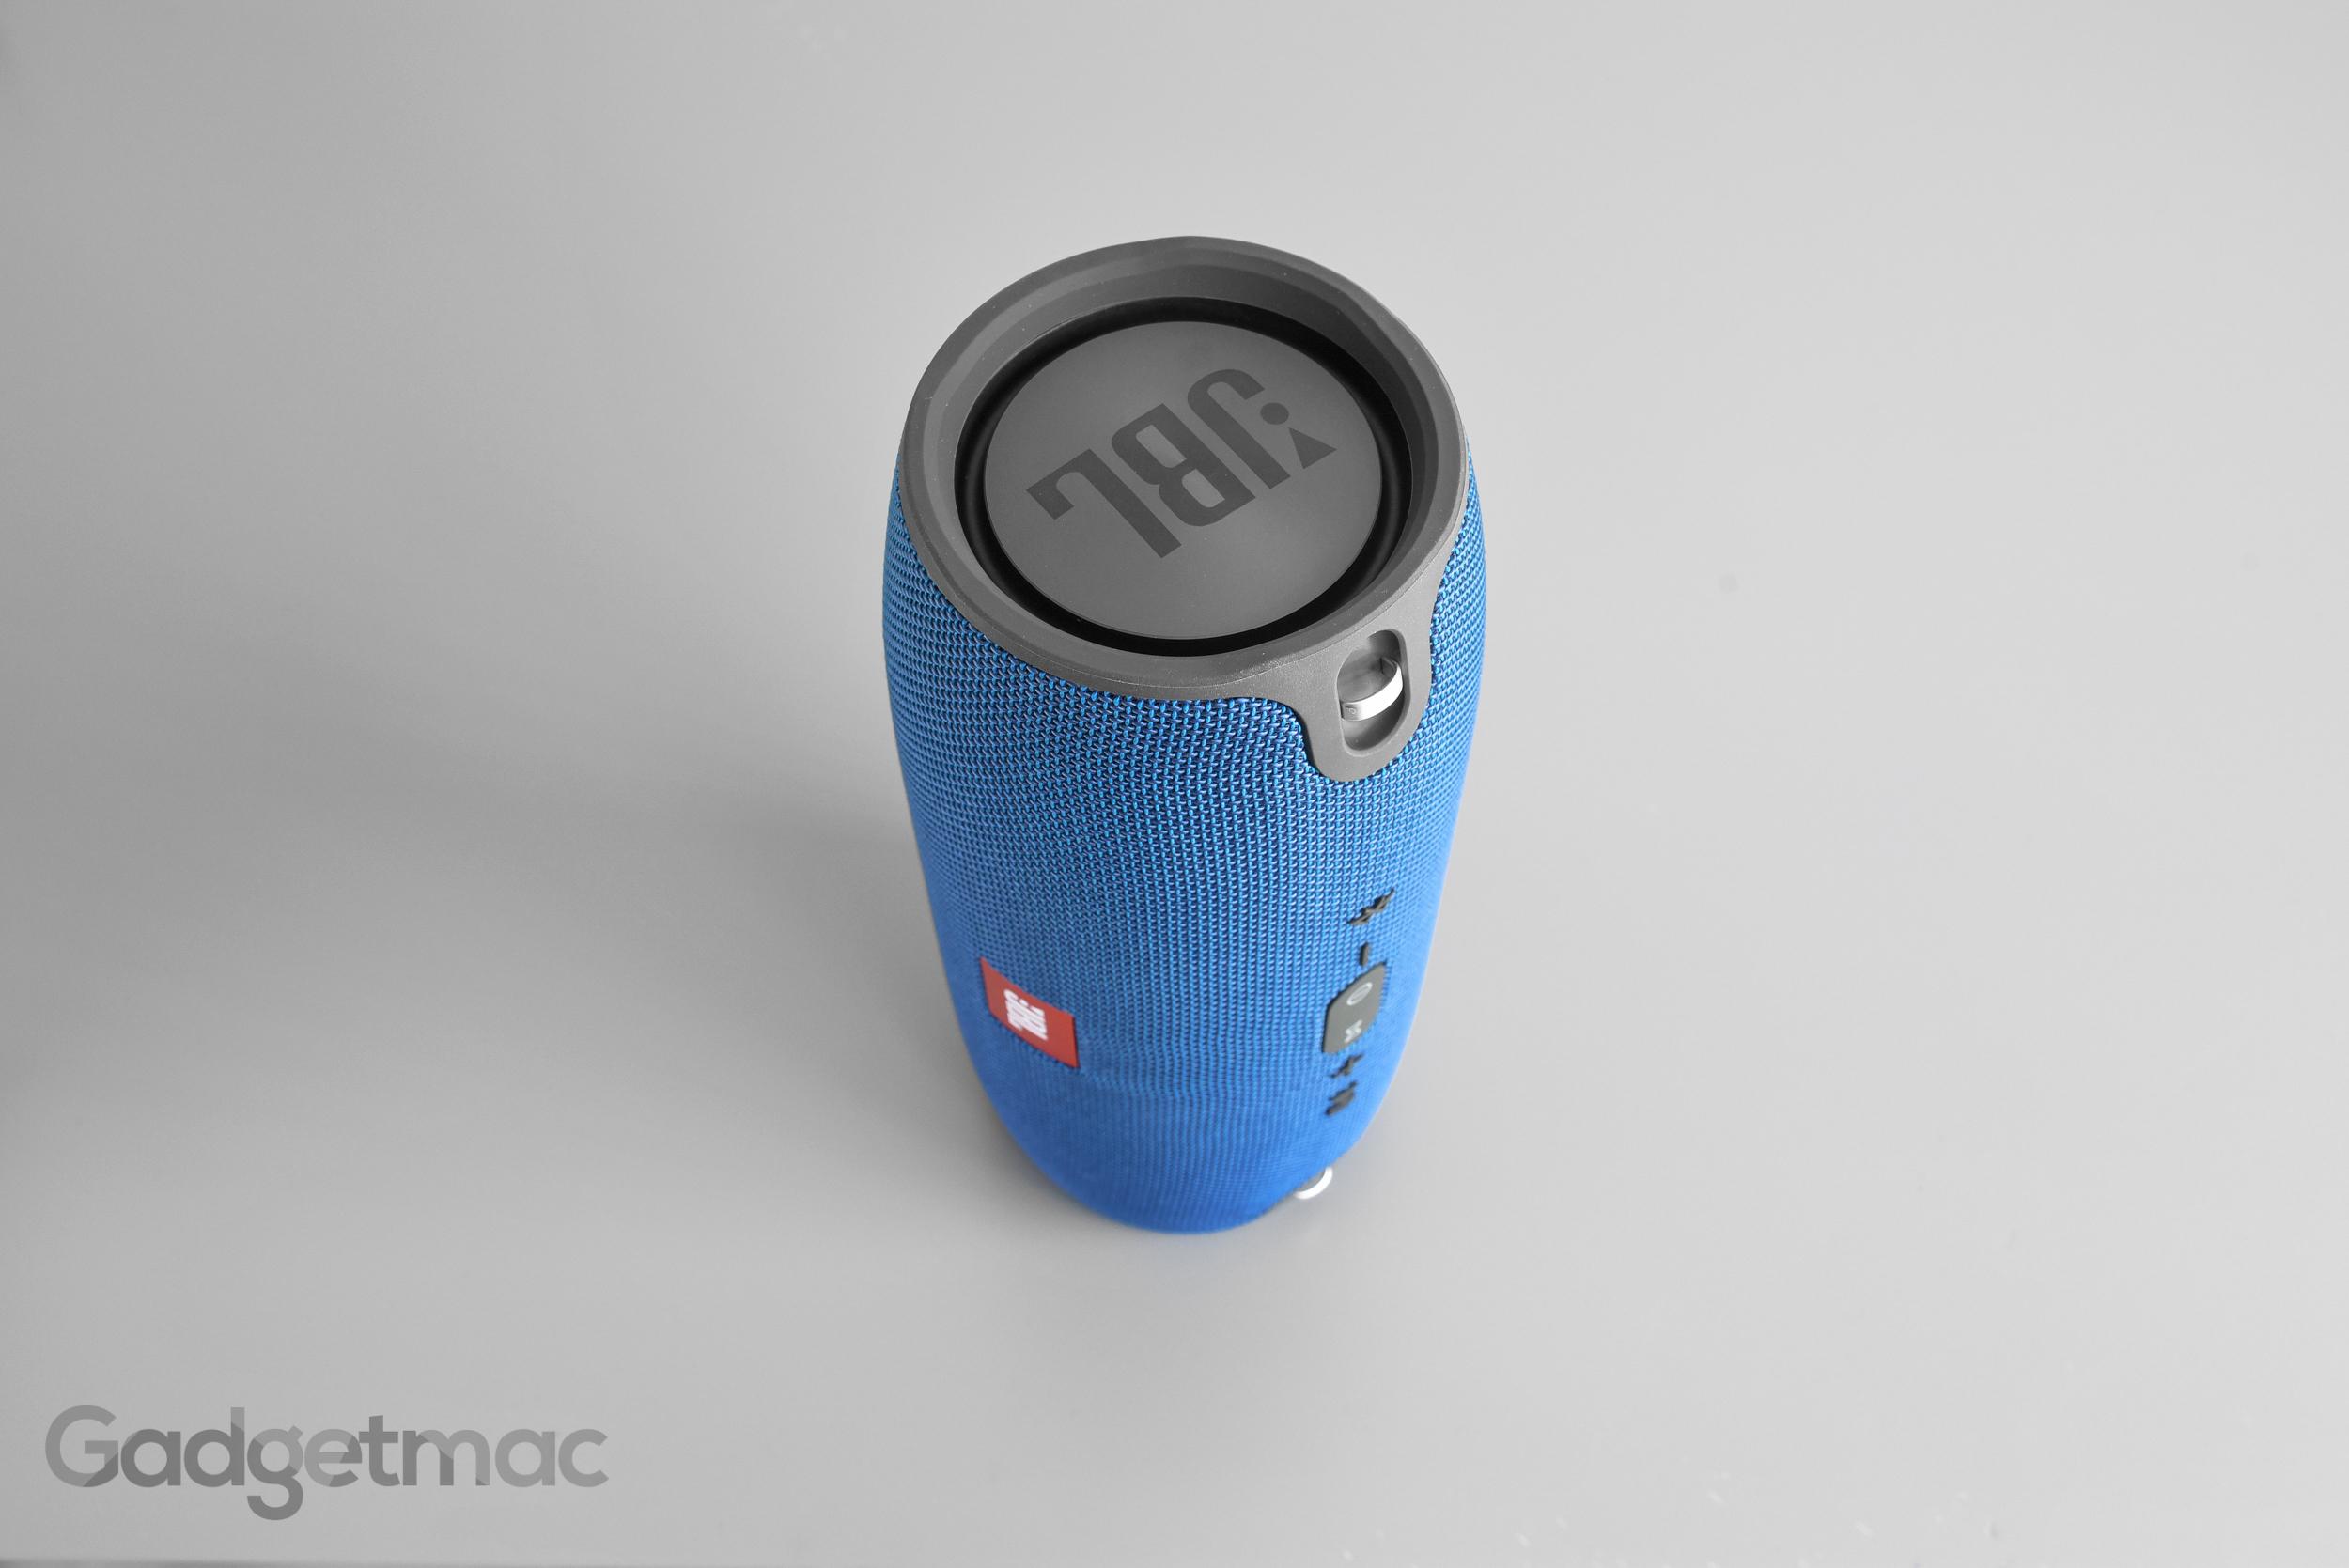 jbl-xtreme-portable-wireless-speaker-standing.jpg